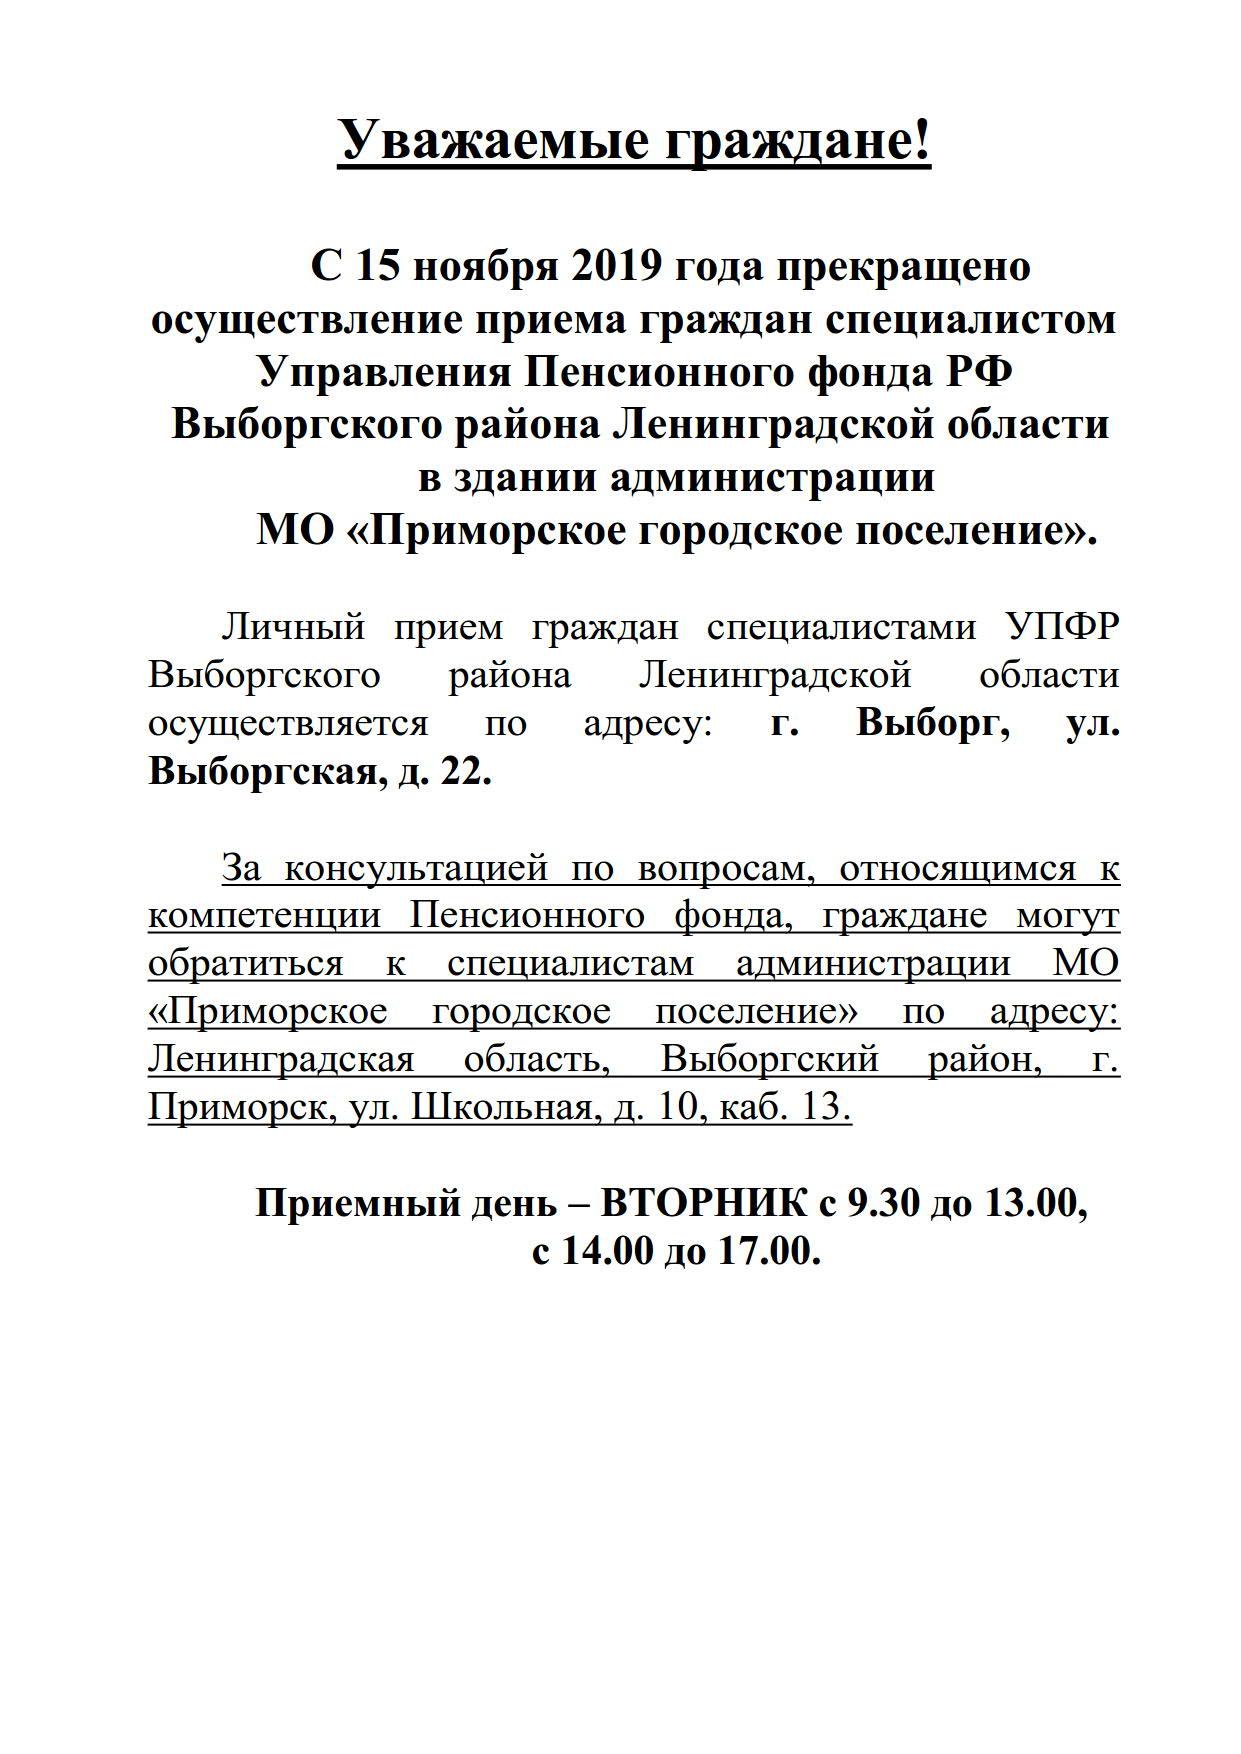 объявление пенсионный фонд_1